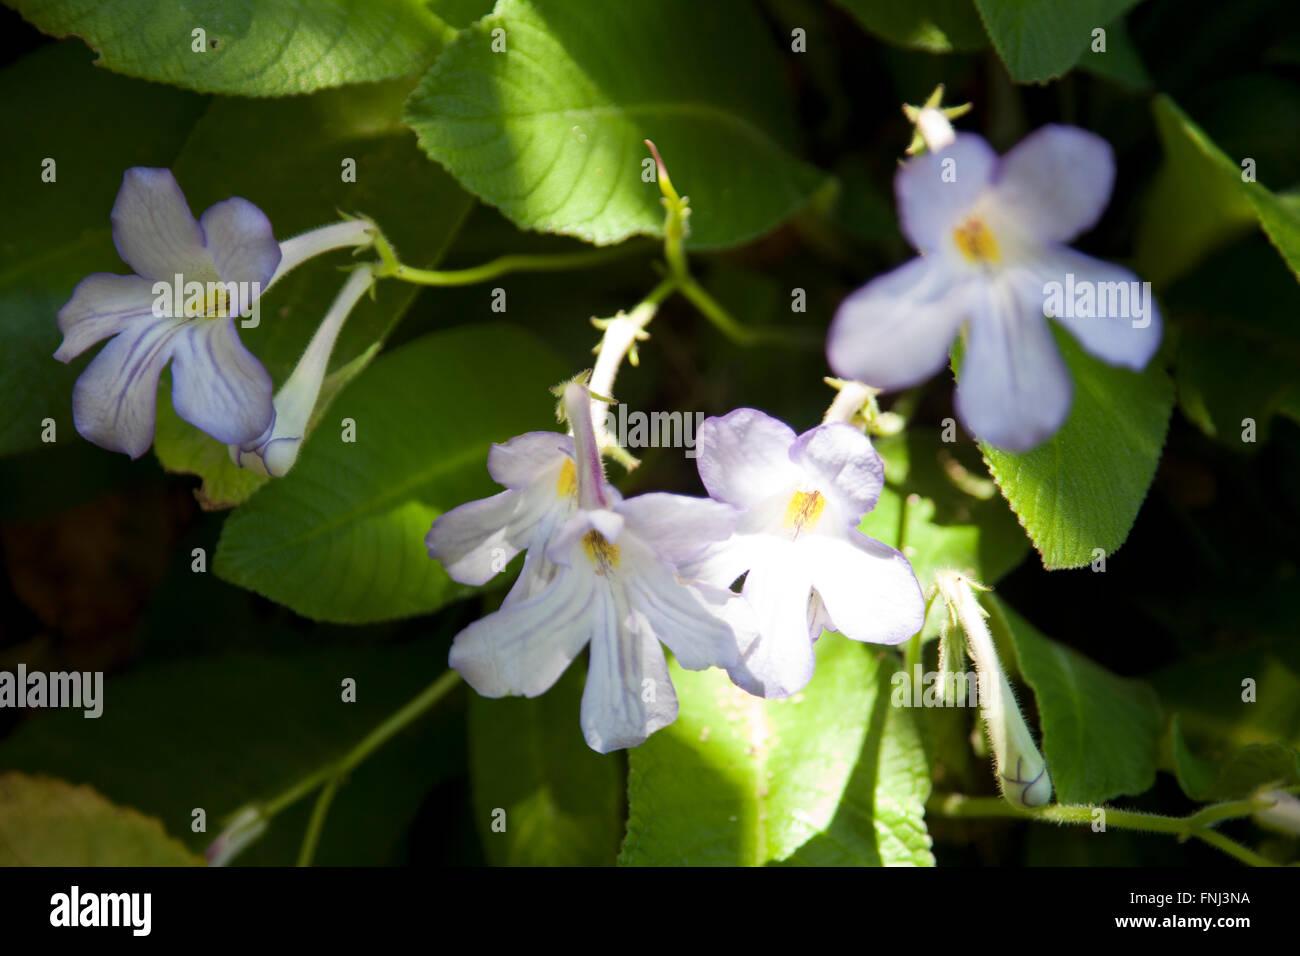 Streptocarpus Pondo / Streptocarpus Formosus a Kirtsenbosch in Città del Capo - Sud Africa Immagini Stock